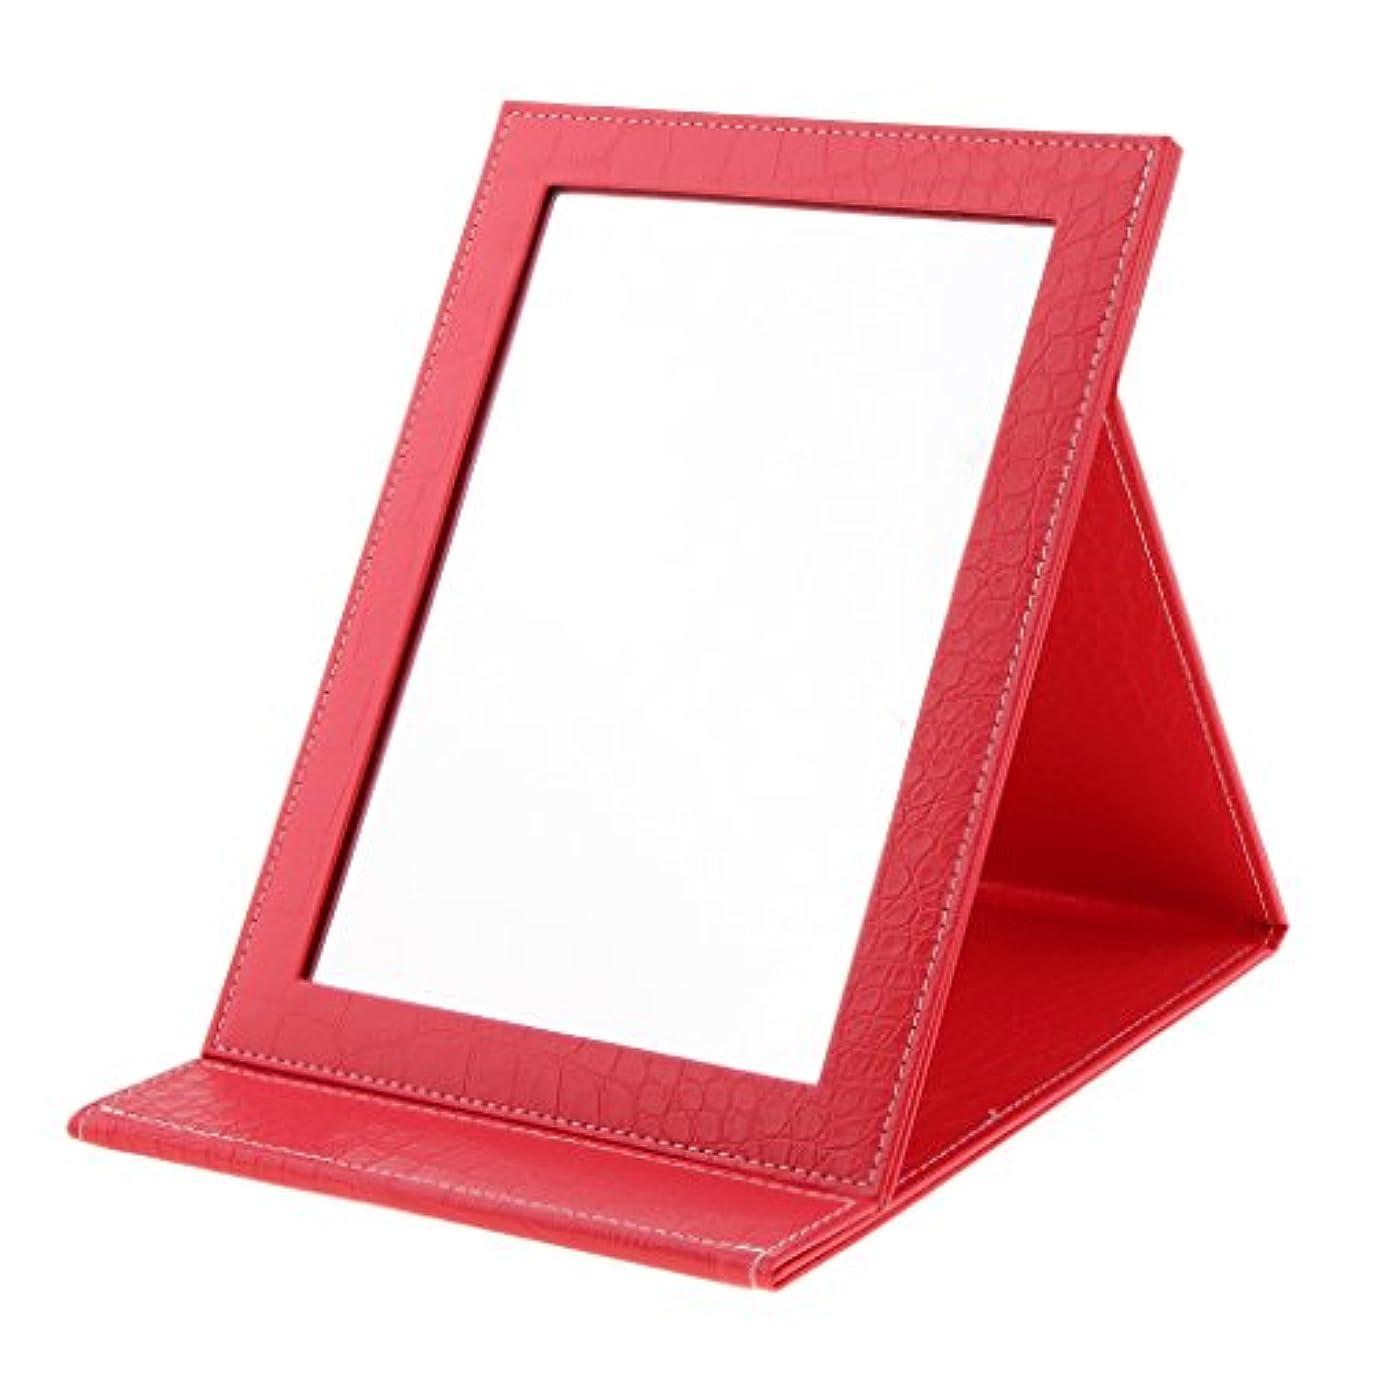 場合バスカスタム化粧鏡 鏡 メイクアップミラー 折りたたみ式 PUレザー ポータブル 旅行 日常用 3色選べる - 赤